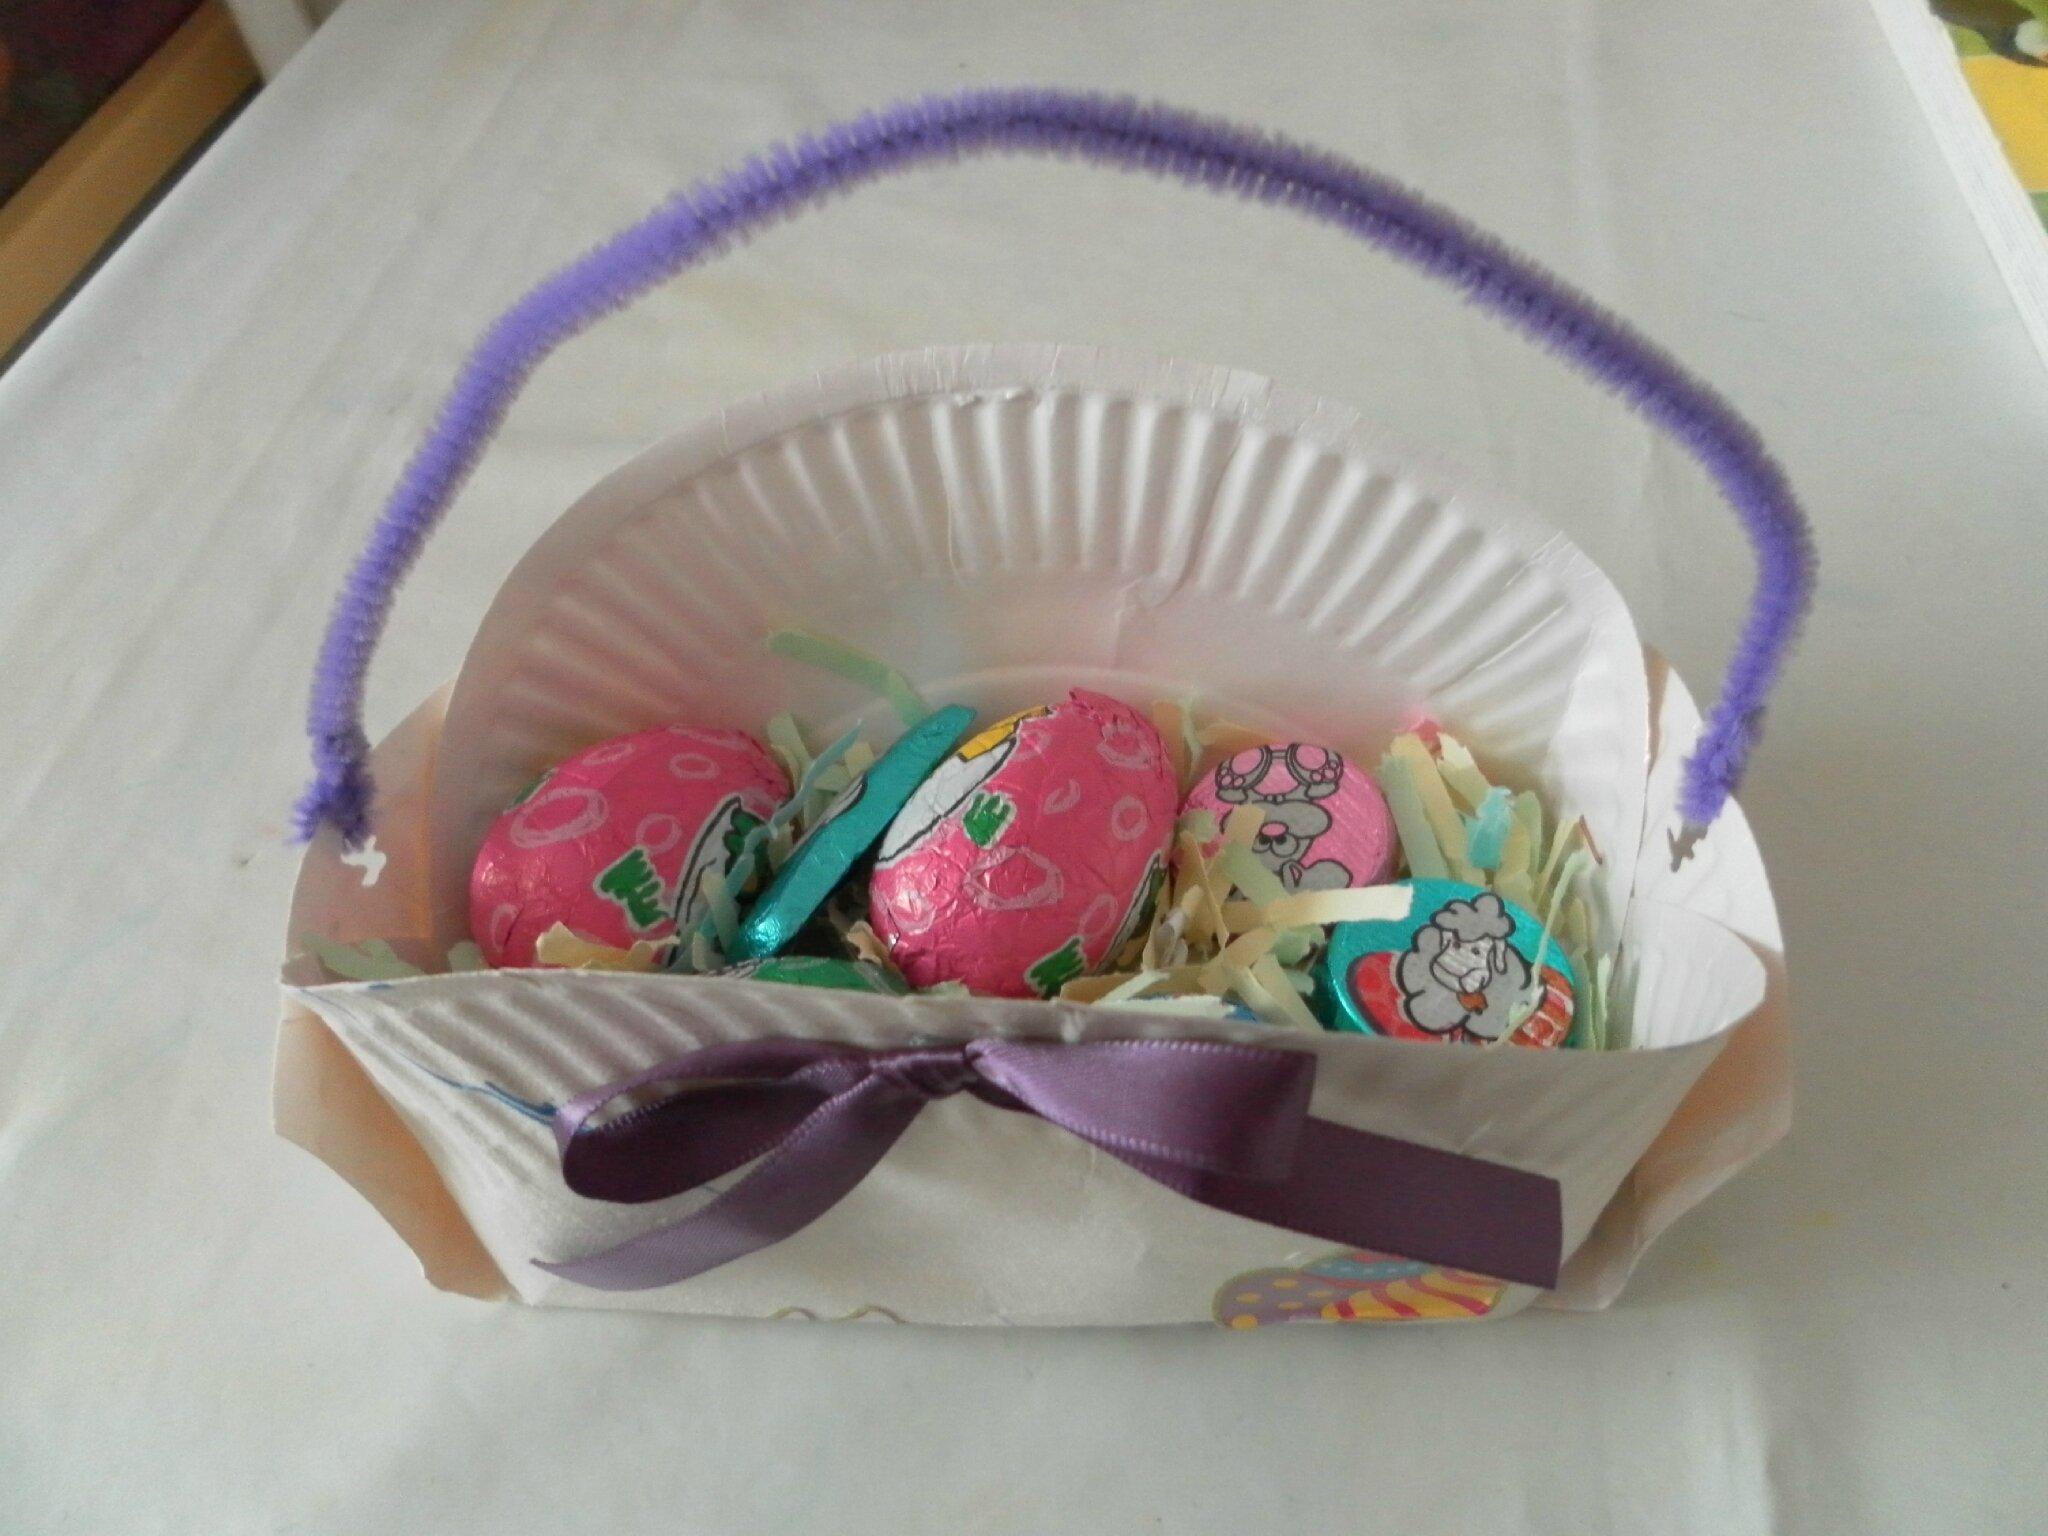 Panier de paques avec assiette en carton fashion designs - Panier de paques a fabriquer ...